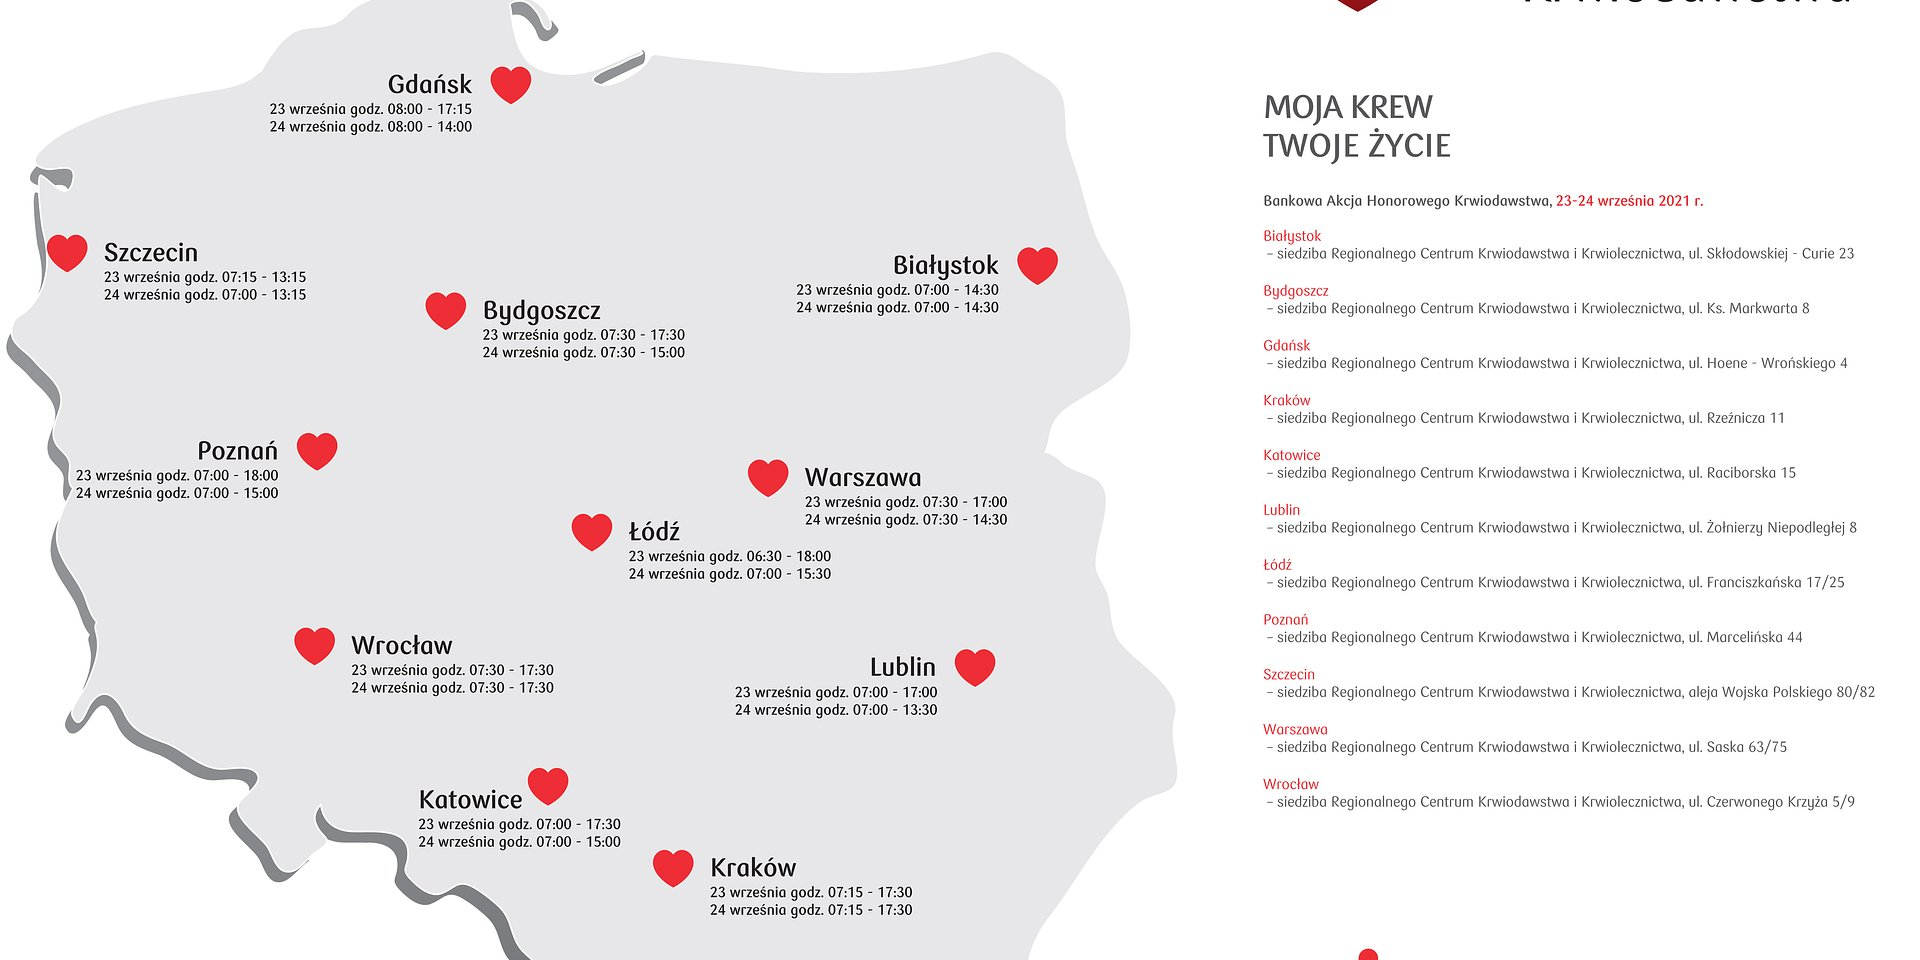 Jesienna Bankowa Akcja Honorowego Krwiodawstwa w Bydgoszczy – 23 i 24 września.